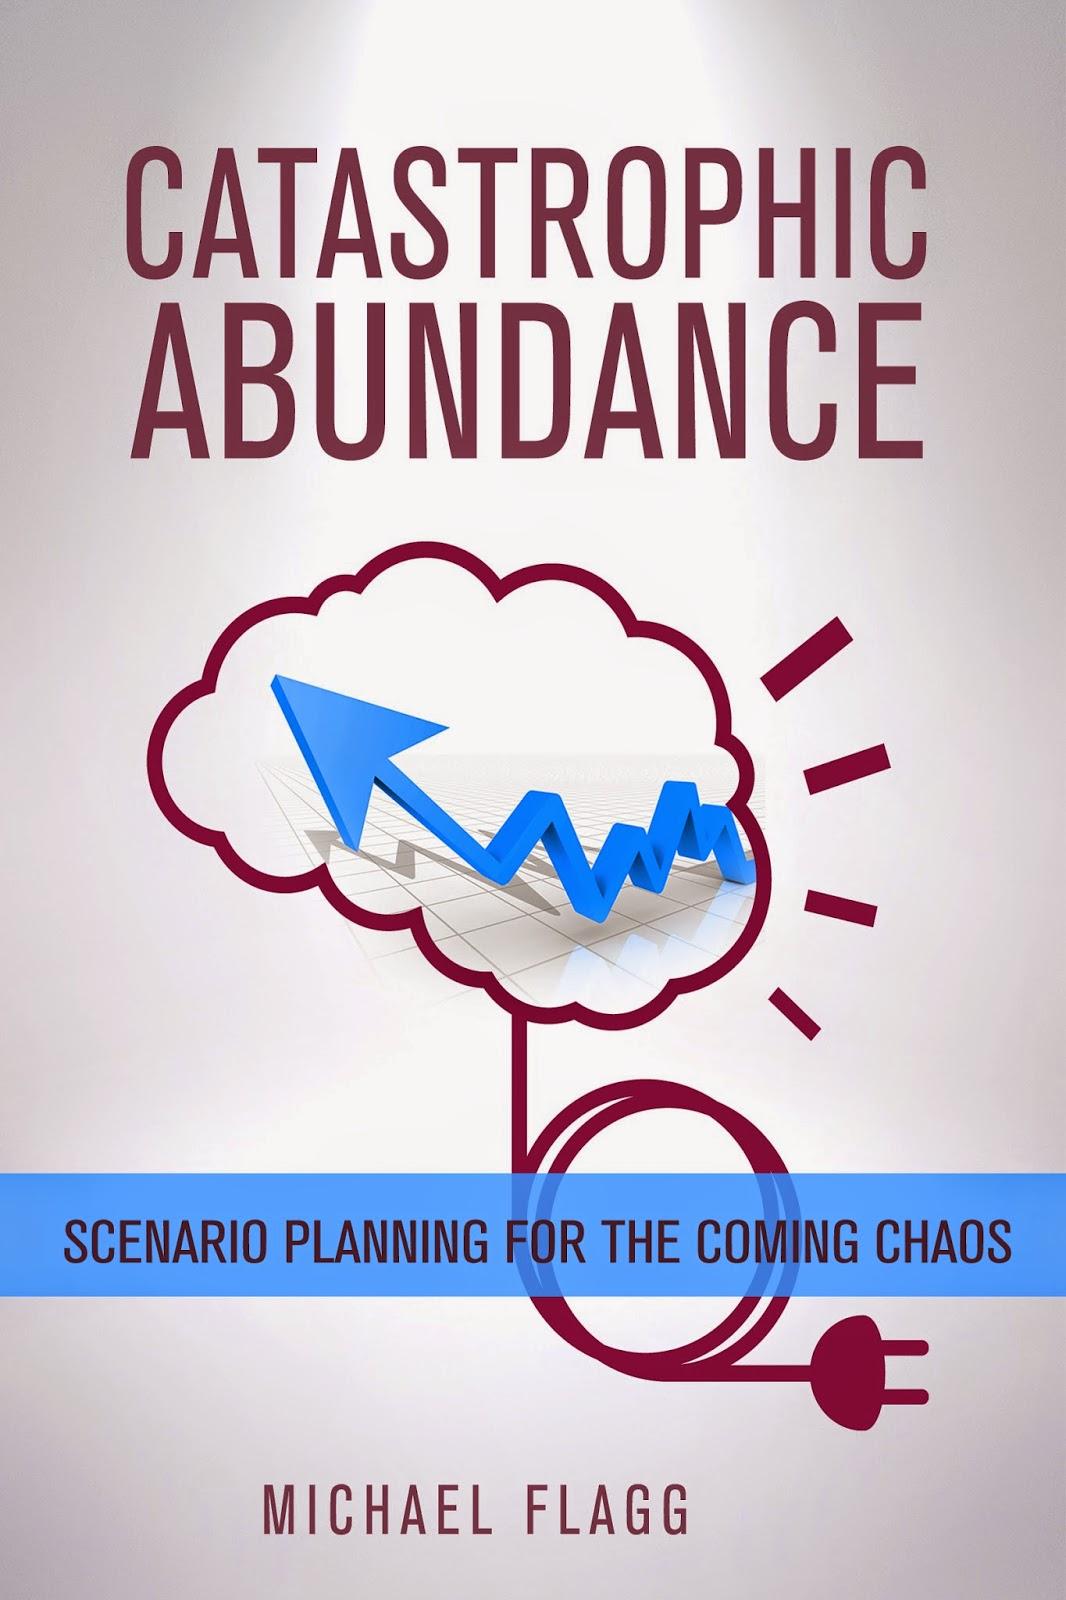 Scenario planning using socionomics, peak oil, and megapolitics